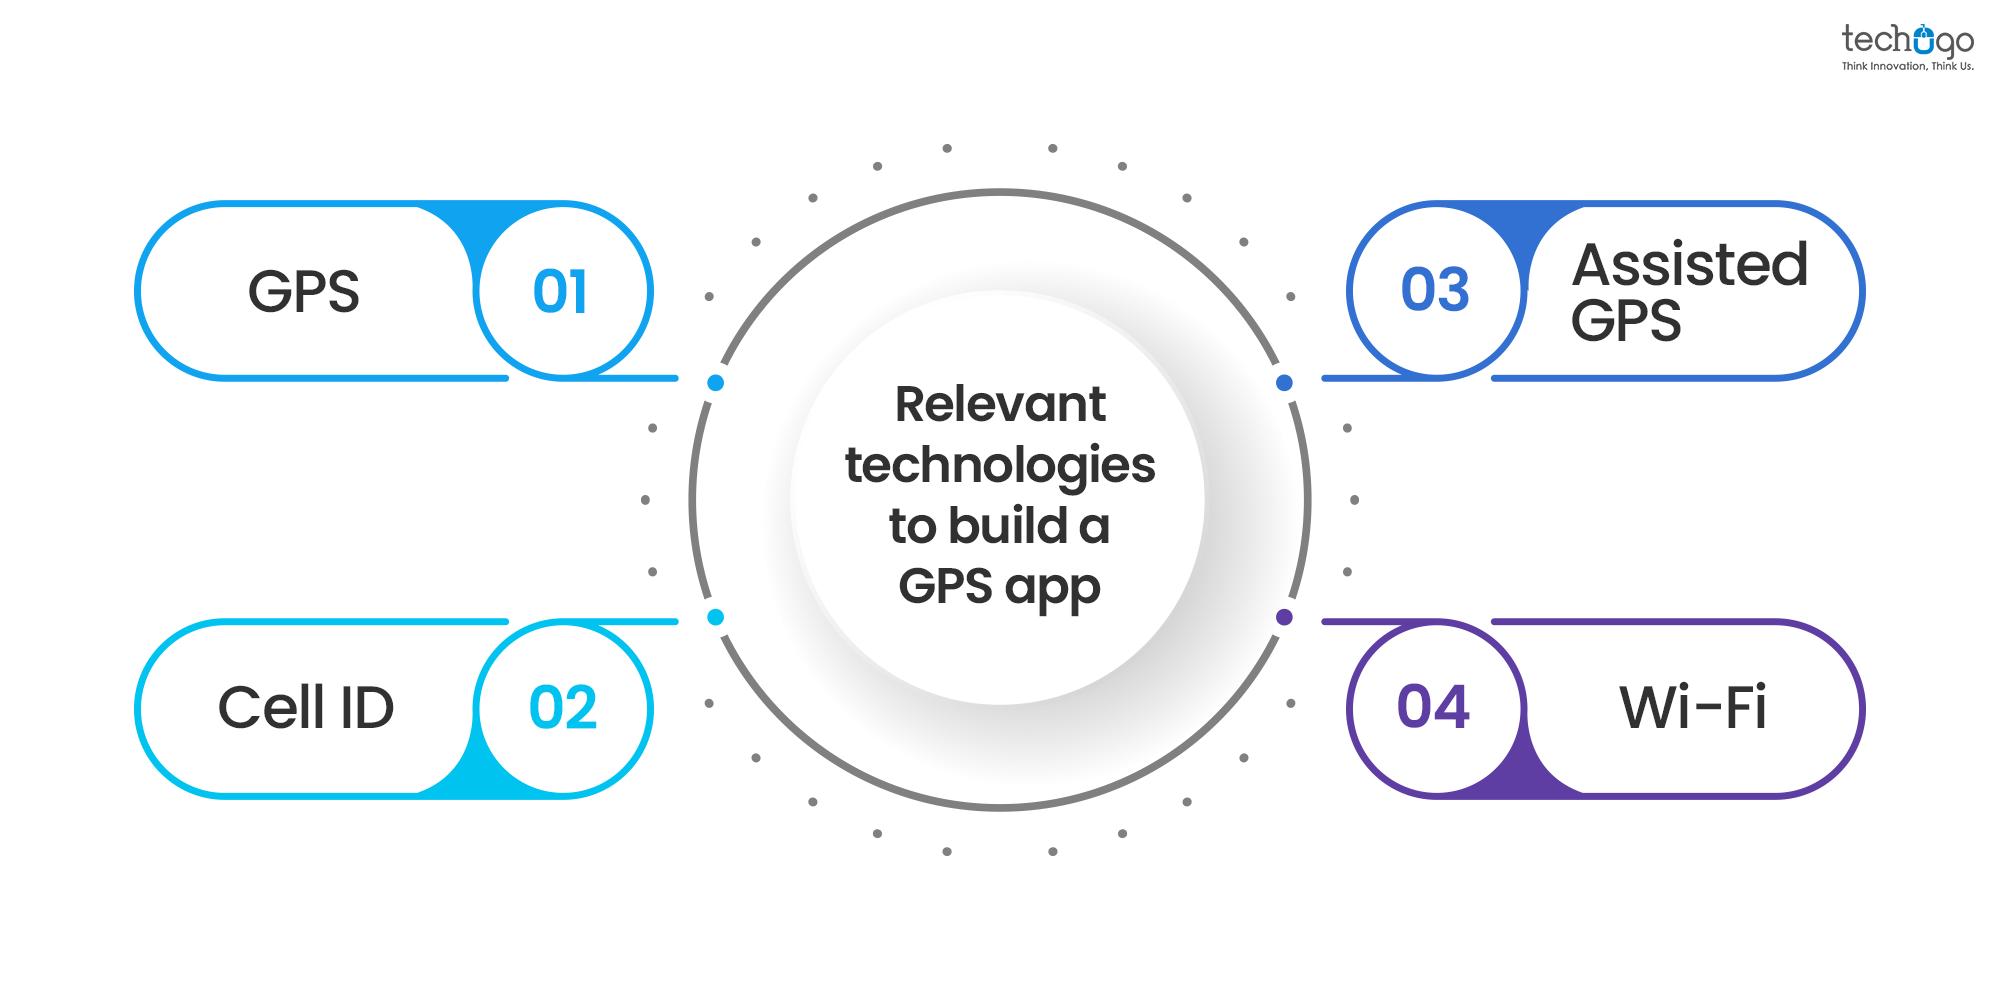 build a GPS app